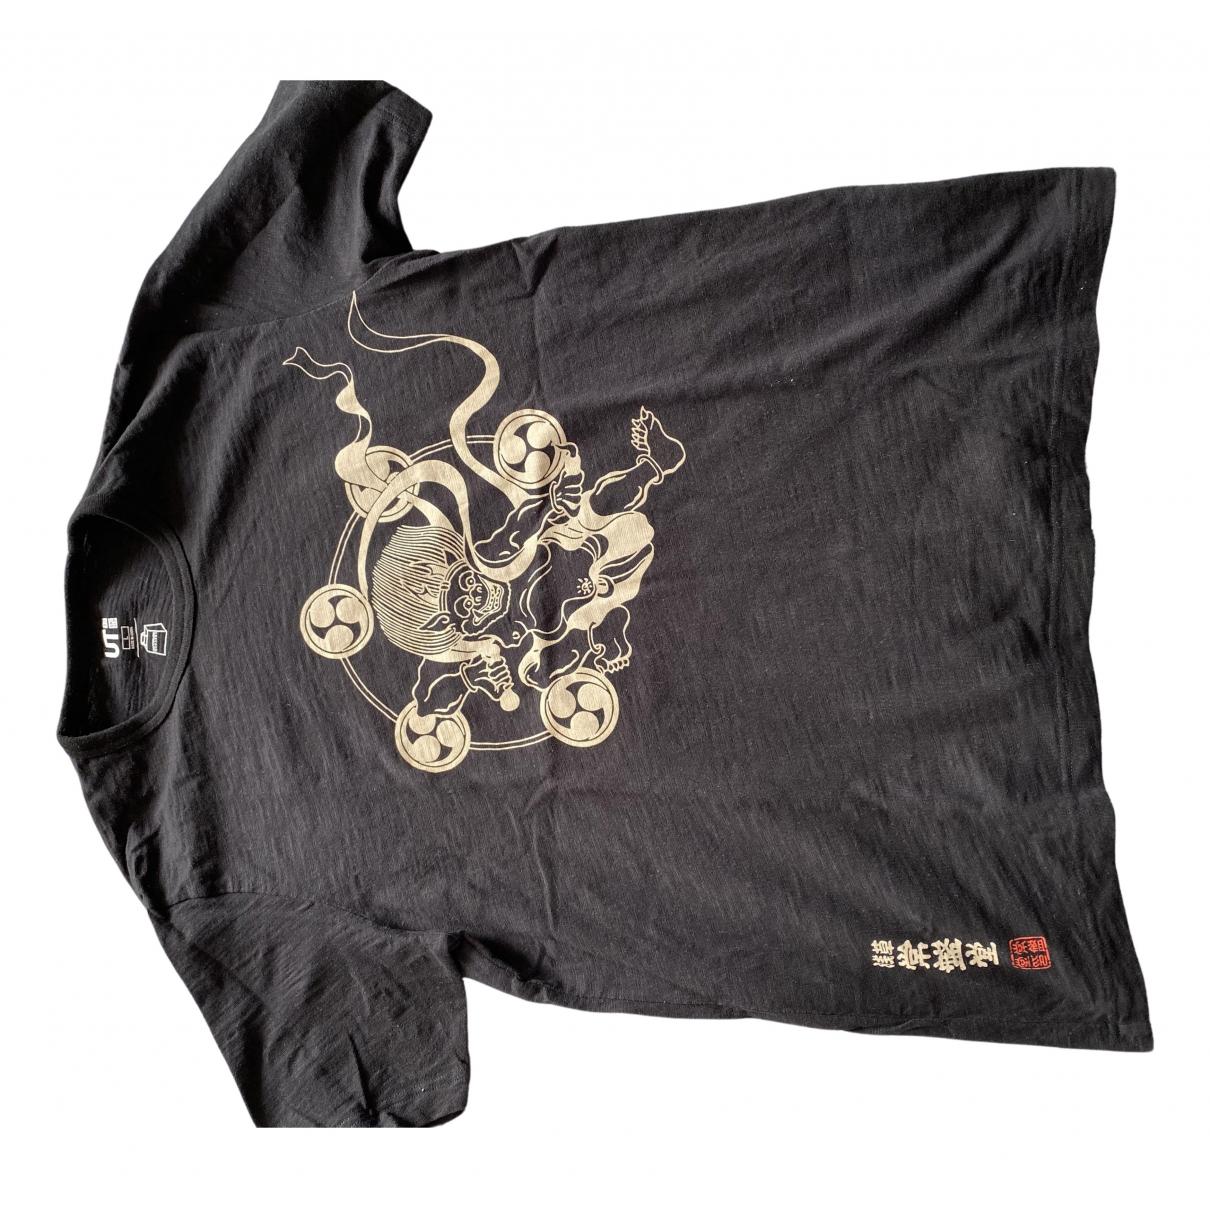 Uniqlo - Tee shirts   pour homme en autre - noir